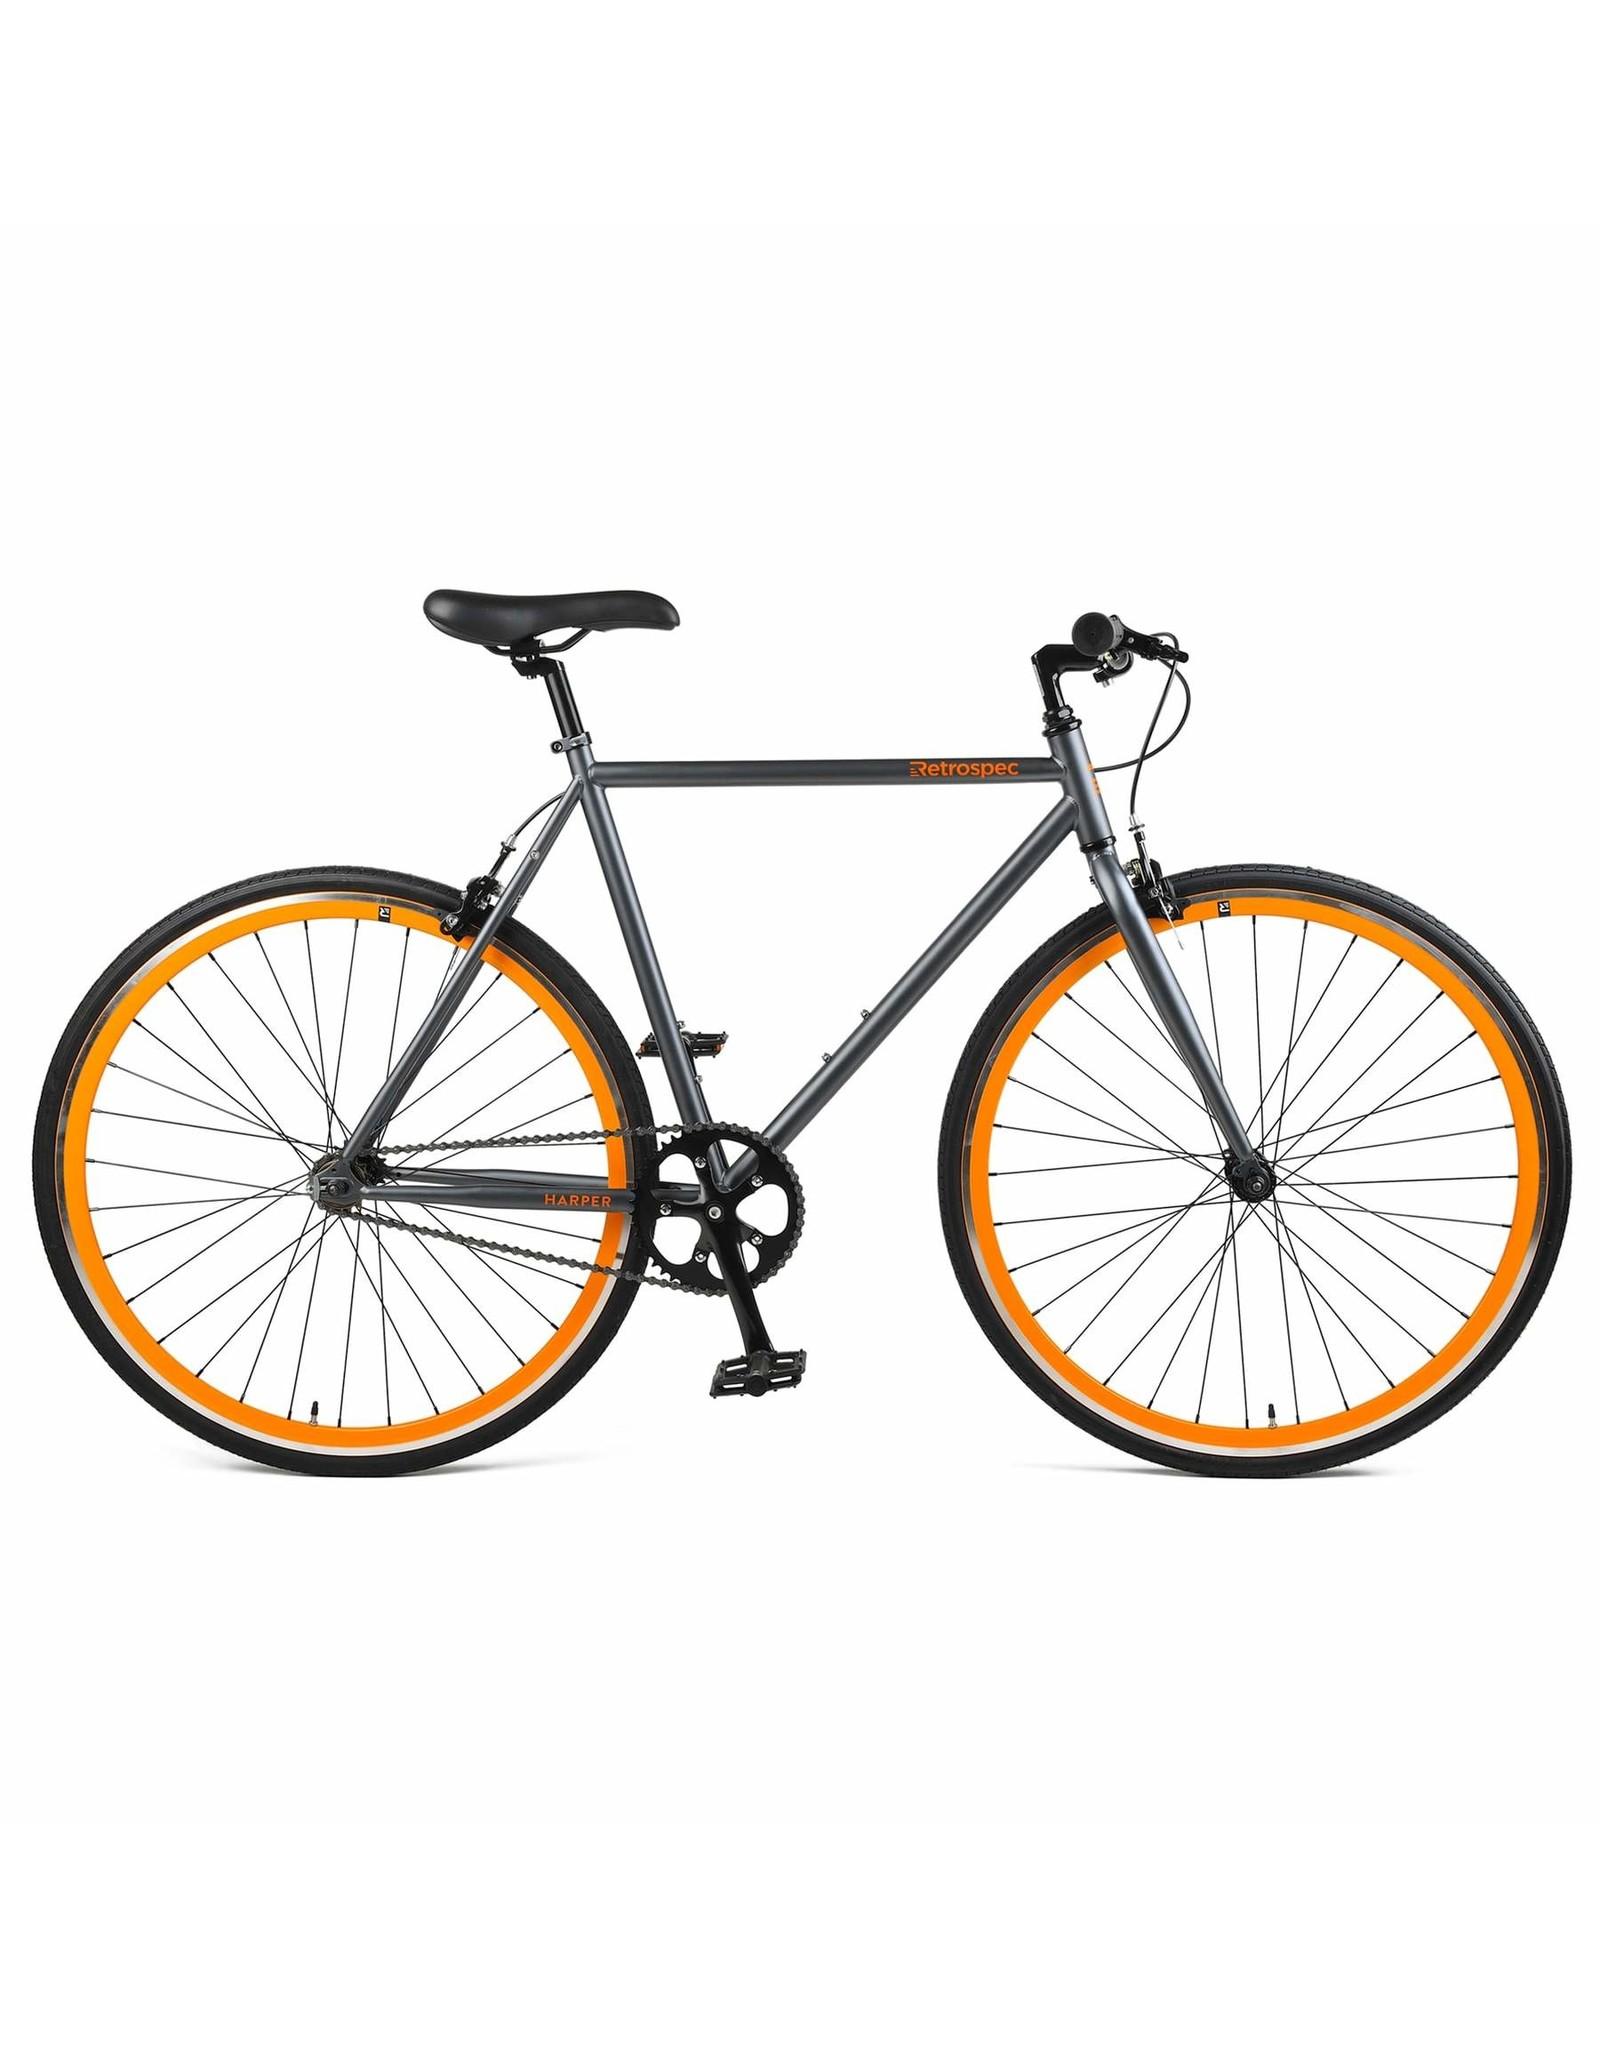 Retrospec Harper Single Speed Fixie/Single Sp Matt Graphite/Orange 57 cm